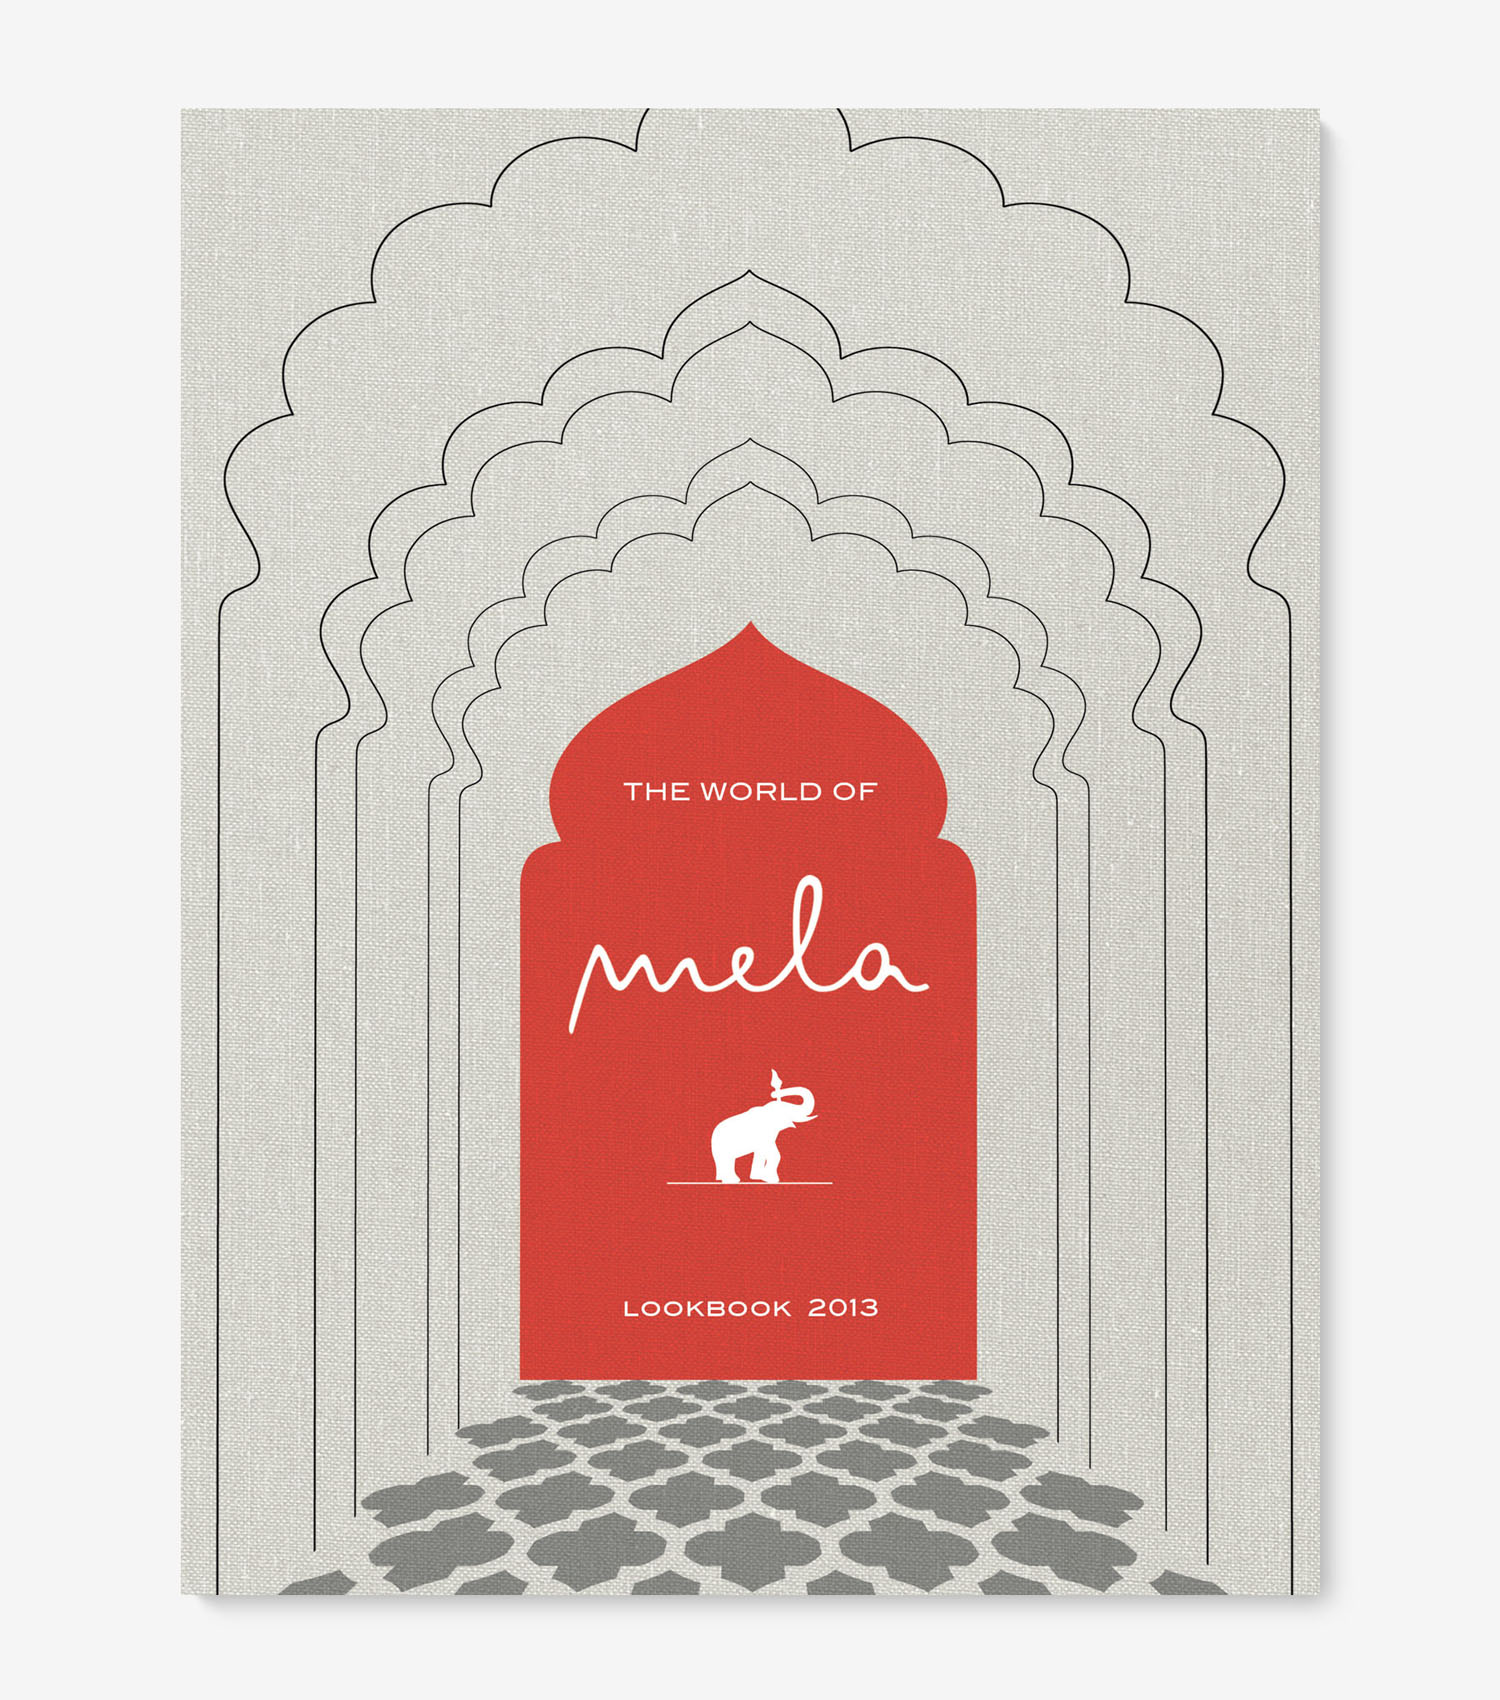 melalookbook_linen_cover.jpg